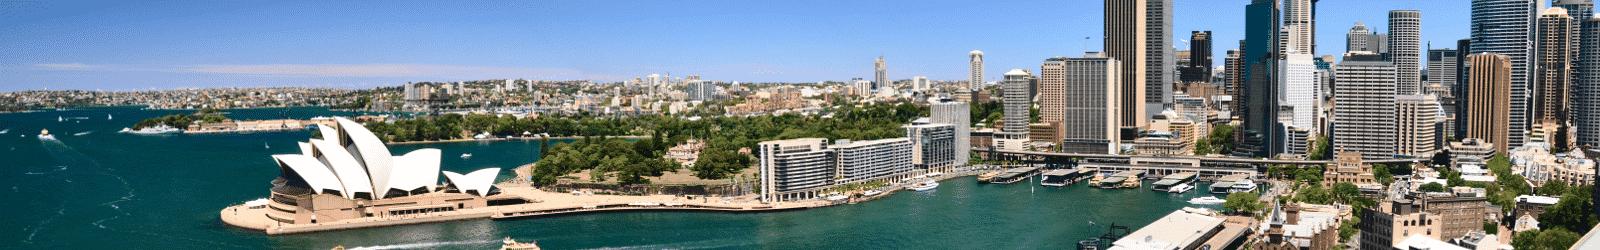 Pourquoi ne pas commencer par visiter l'Opéra de Sydney, en Australie, lors de votre WHV?